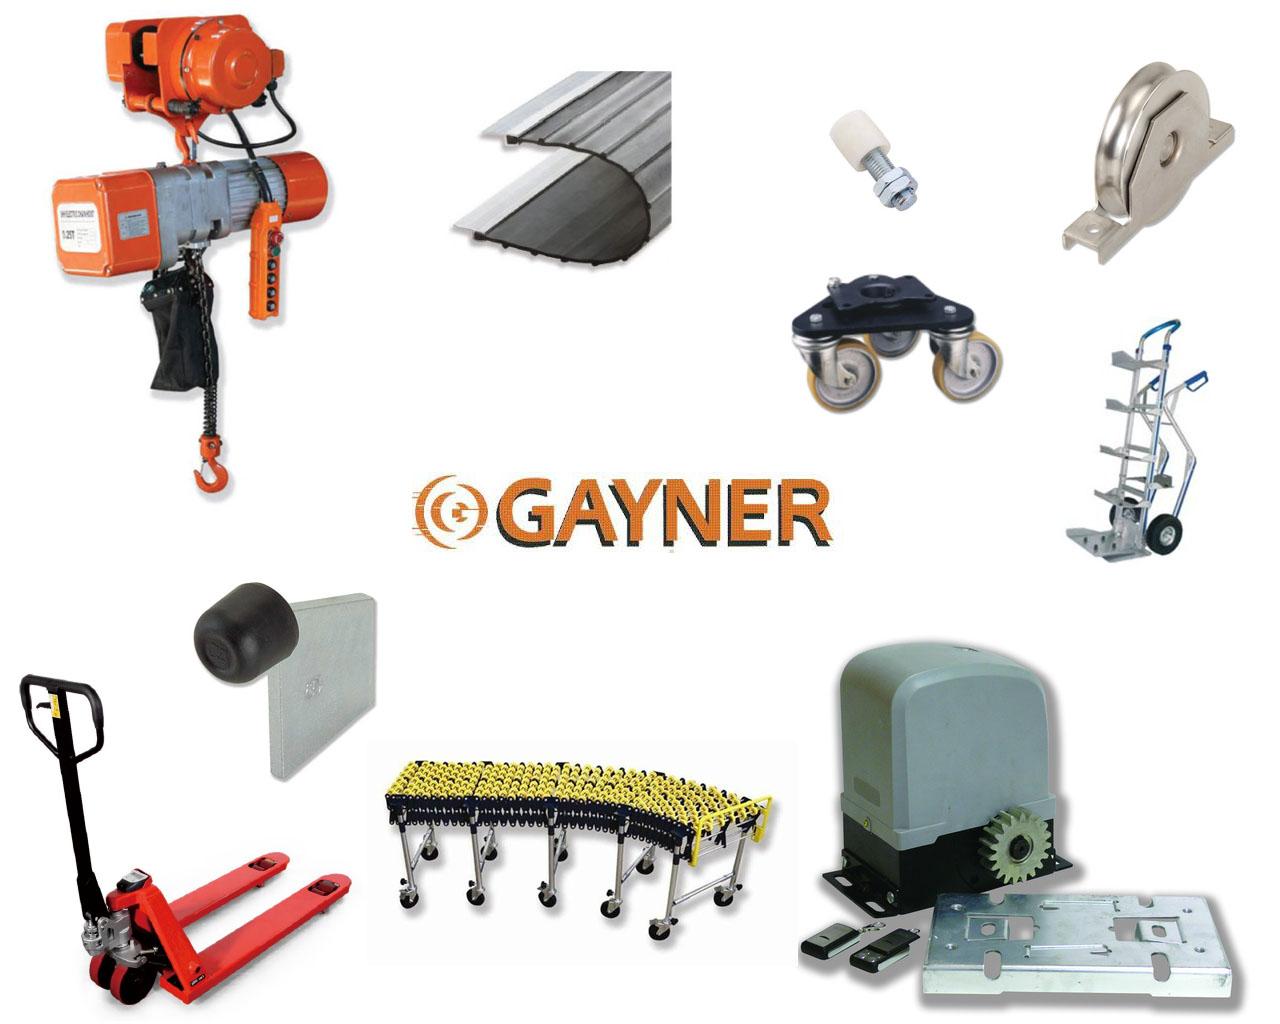 Gayner 2